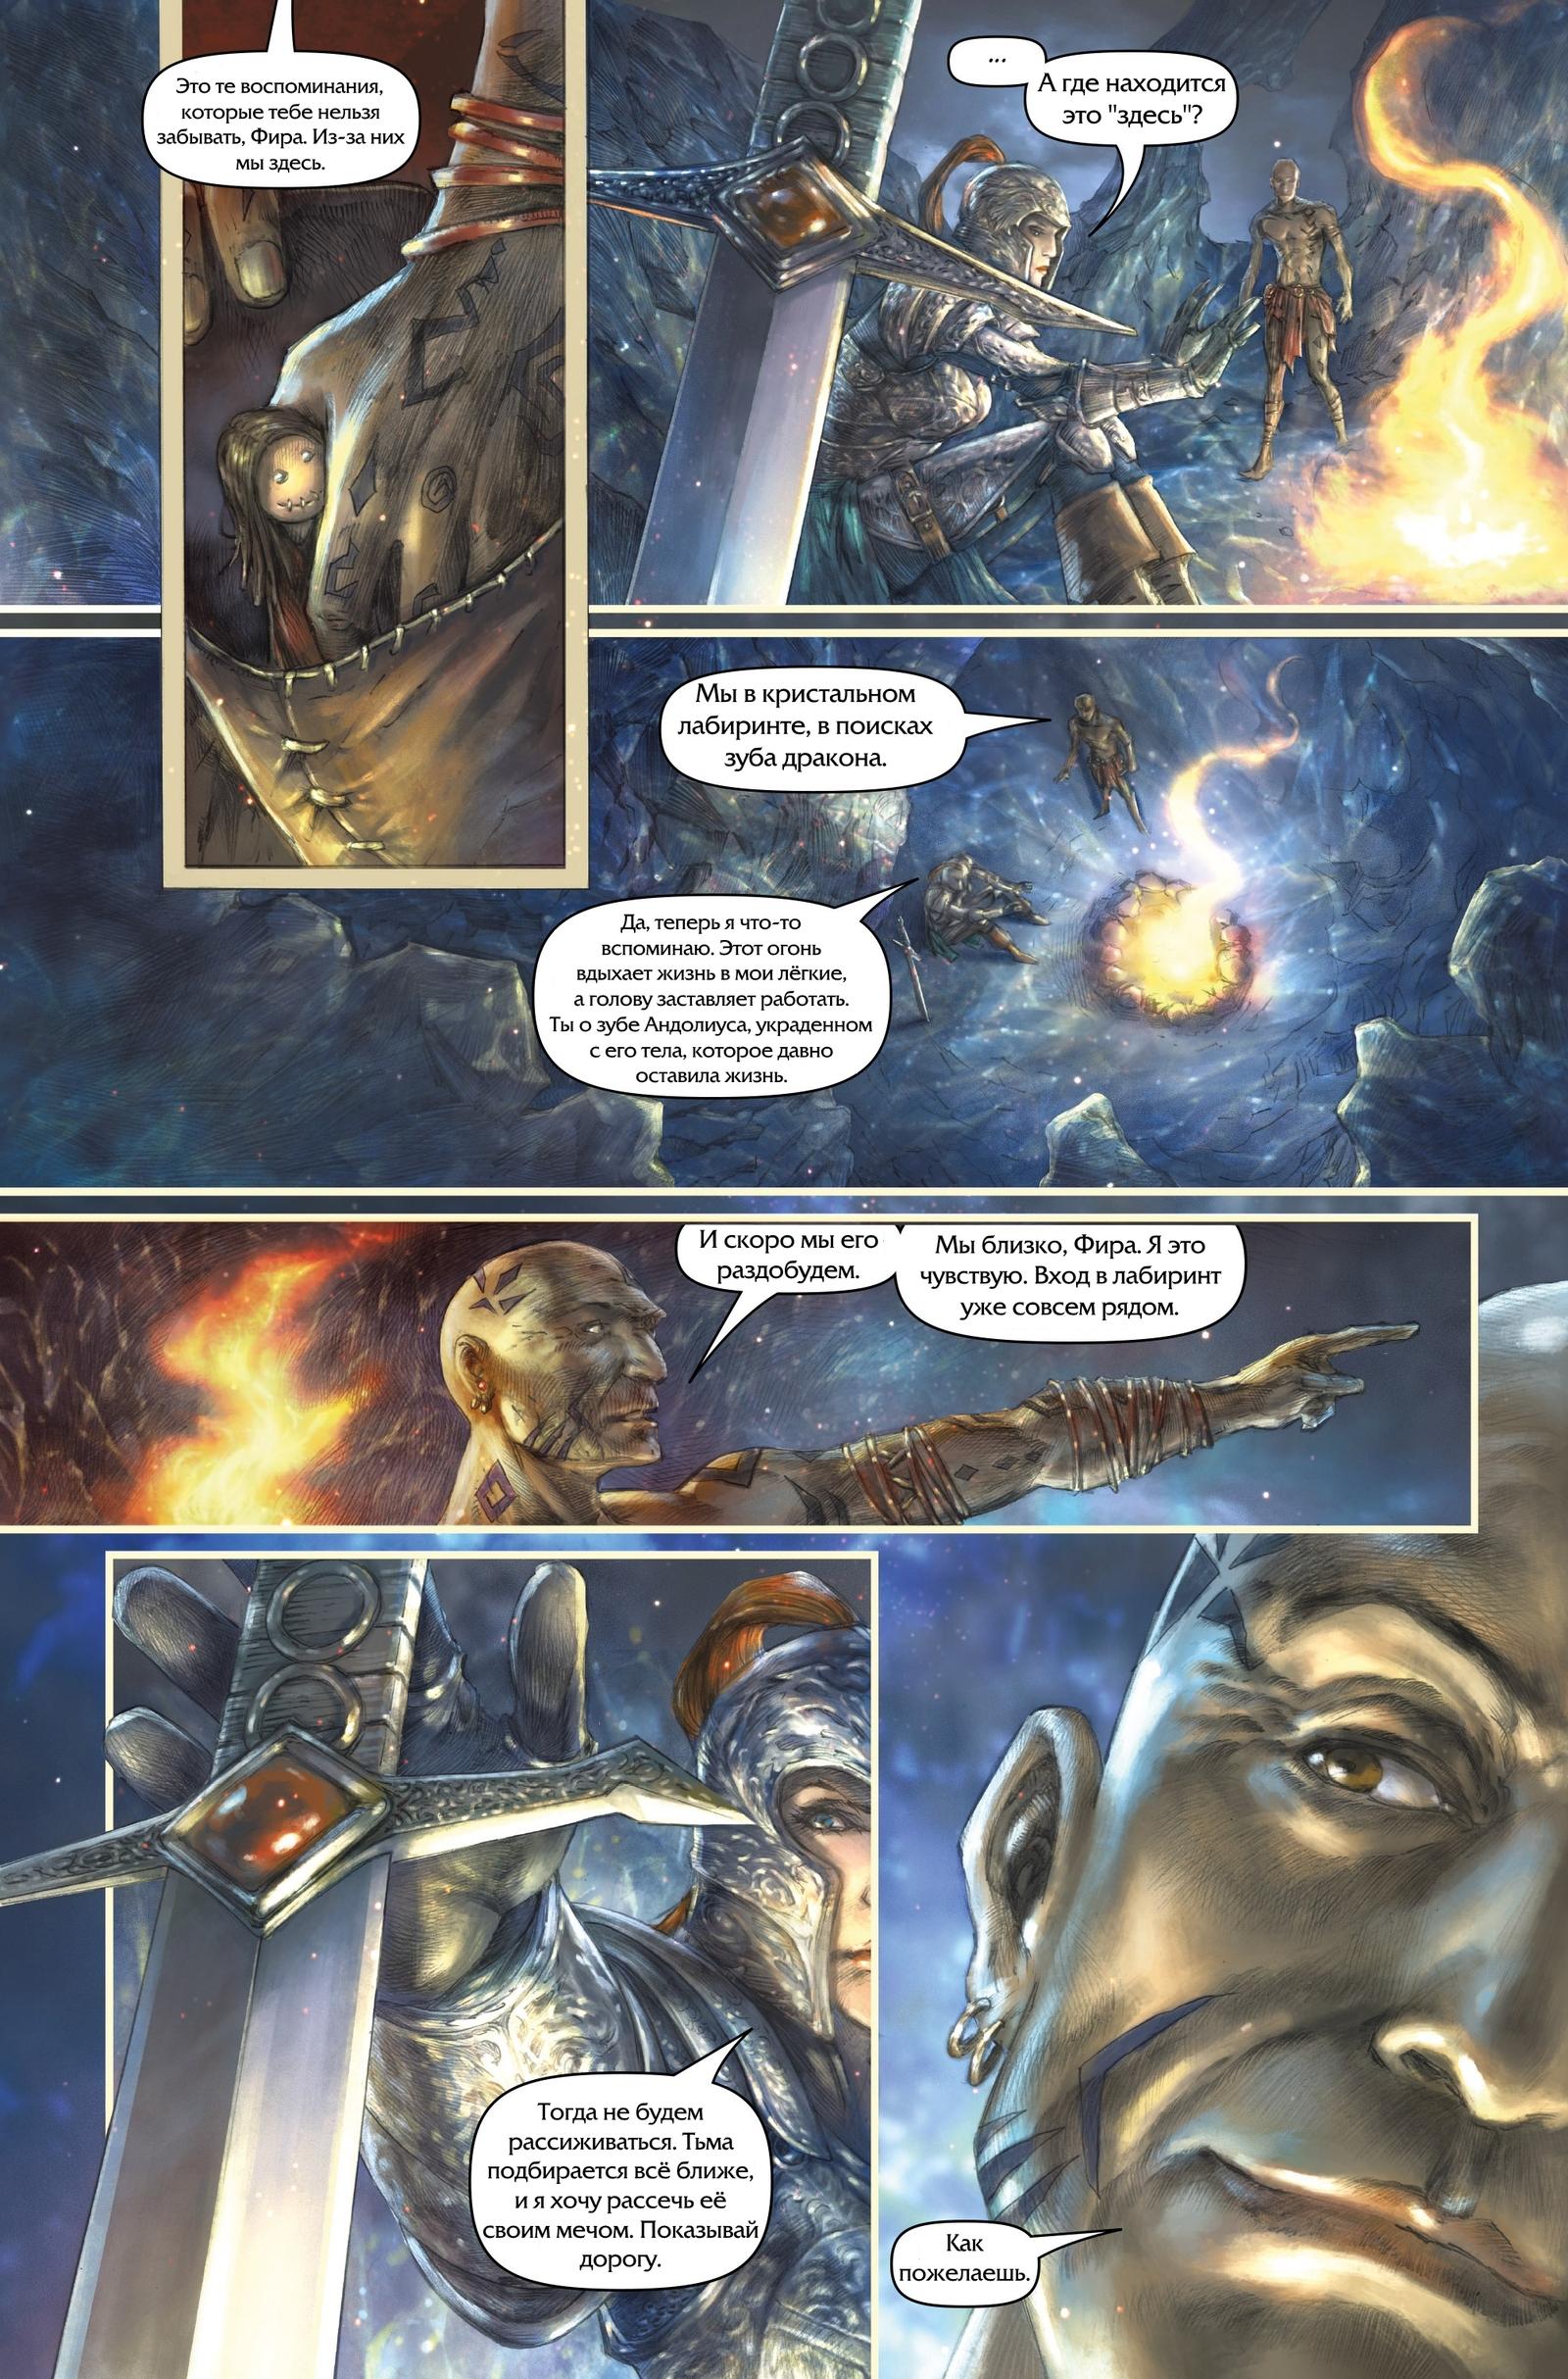 Немного комиксов по Dark Souls.(часть 1) - Изображение 5